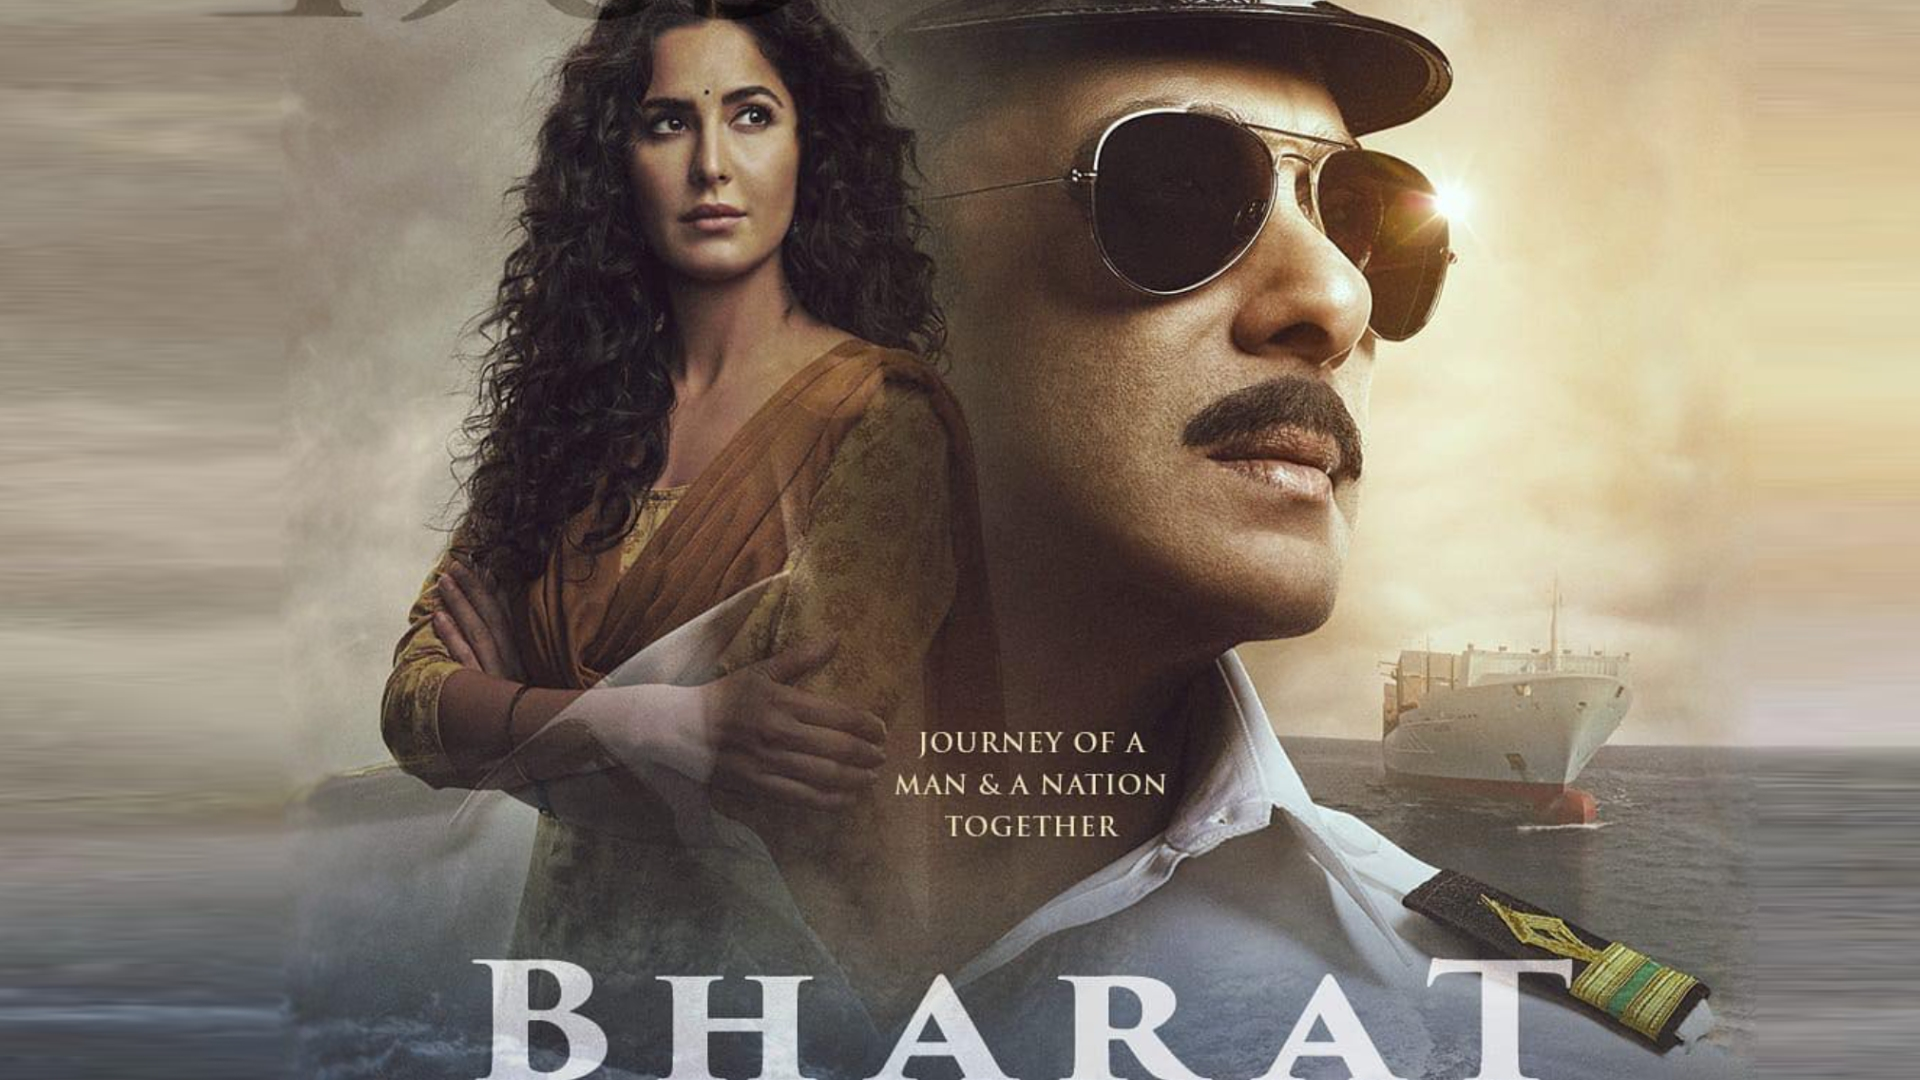 Bharat Movie: सलमान खान स्टारर फिल्म 'भारत' ने पहले दिन की जबरदस्त कमाई, अपने नाम ये रिकॉर्ड कराया दर्ज